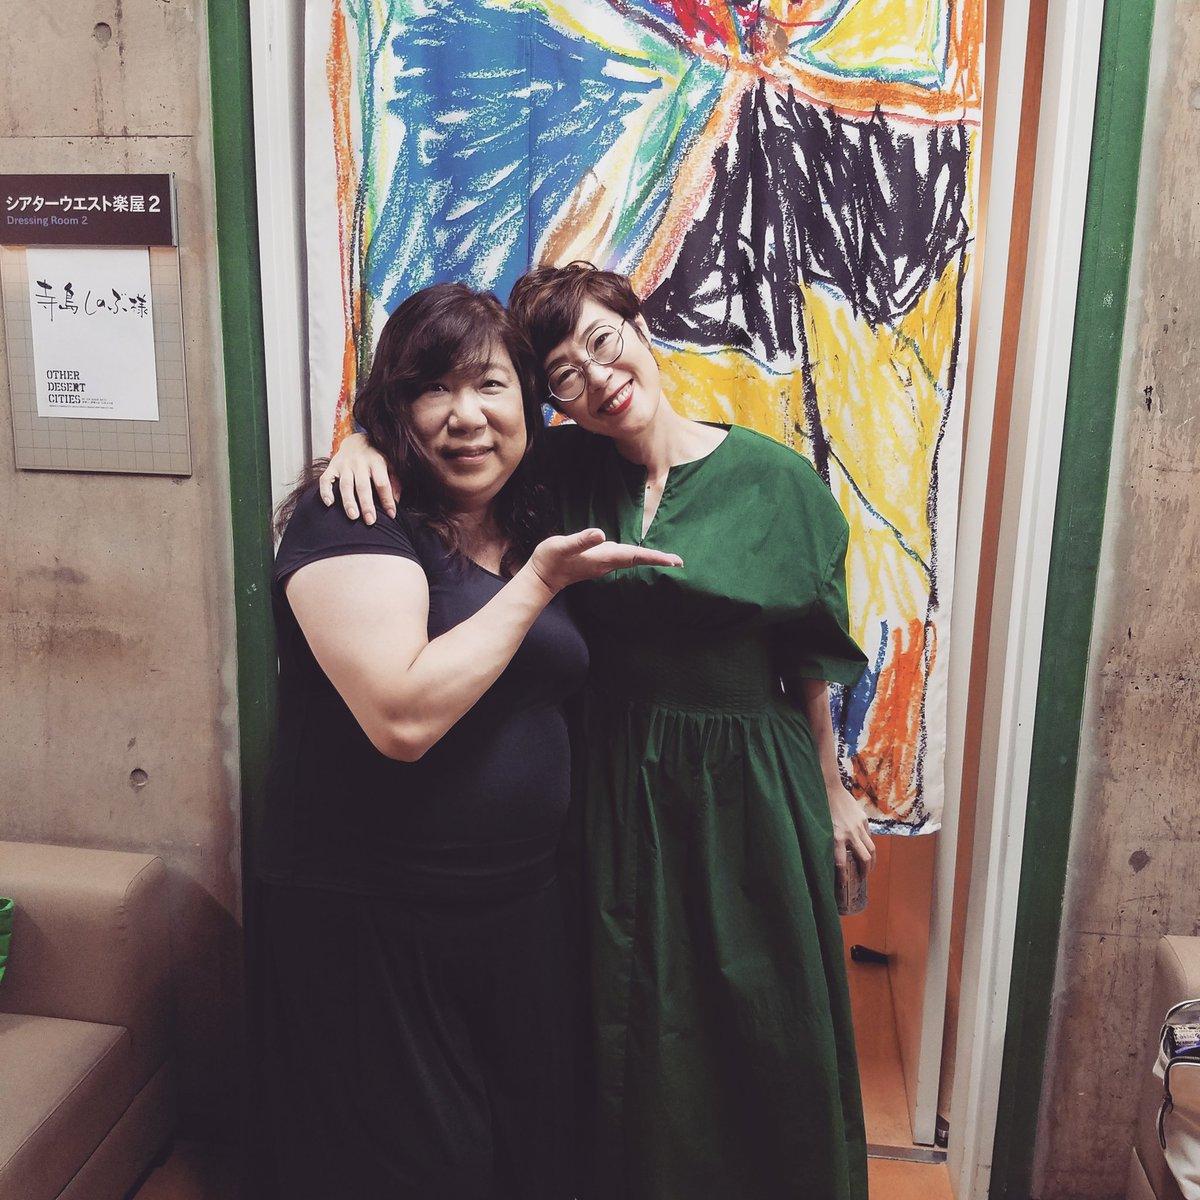 test ツイッターメディア - 寺島しのぶ主演『OTHER DESERT CITIES』@東京芸術劇場シアターウエスト。 今回の舞台ではどれだけのものを華奢な肩に背負ってるんだろう。宇宙で一番好きな女優。 この座組をひとりでも多くの方に観て頂きたい。26日まで https://t.co/DtE9UaRYxv